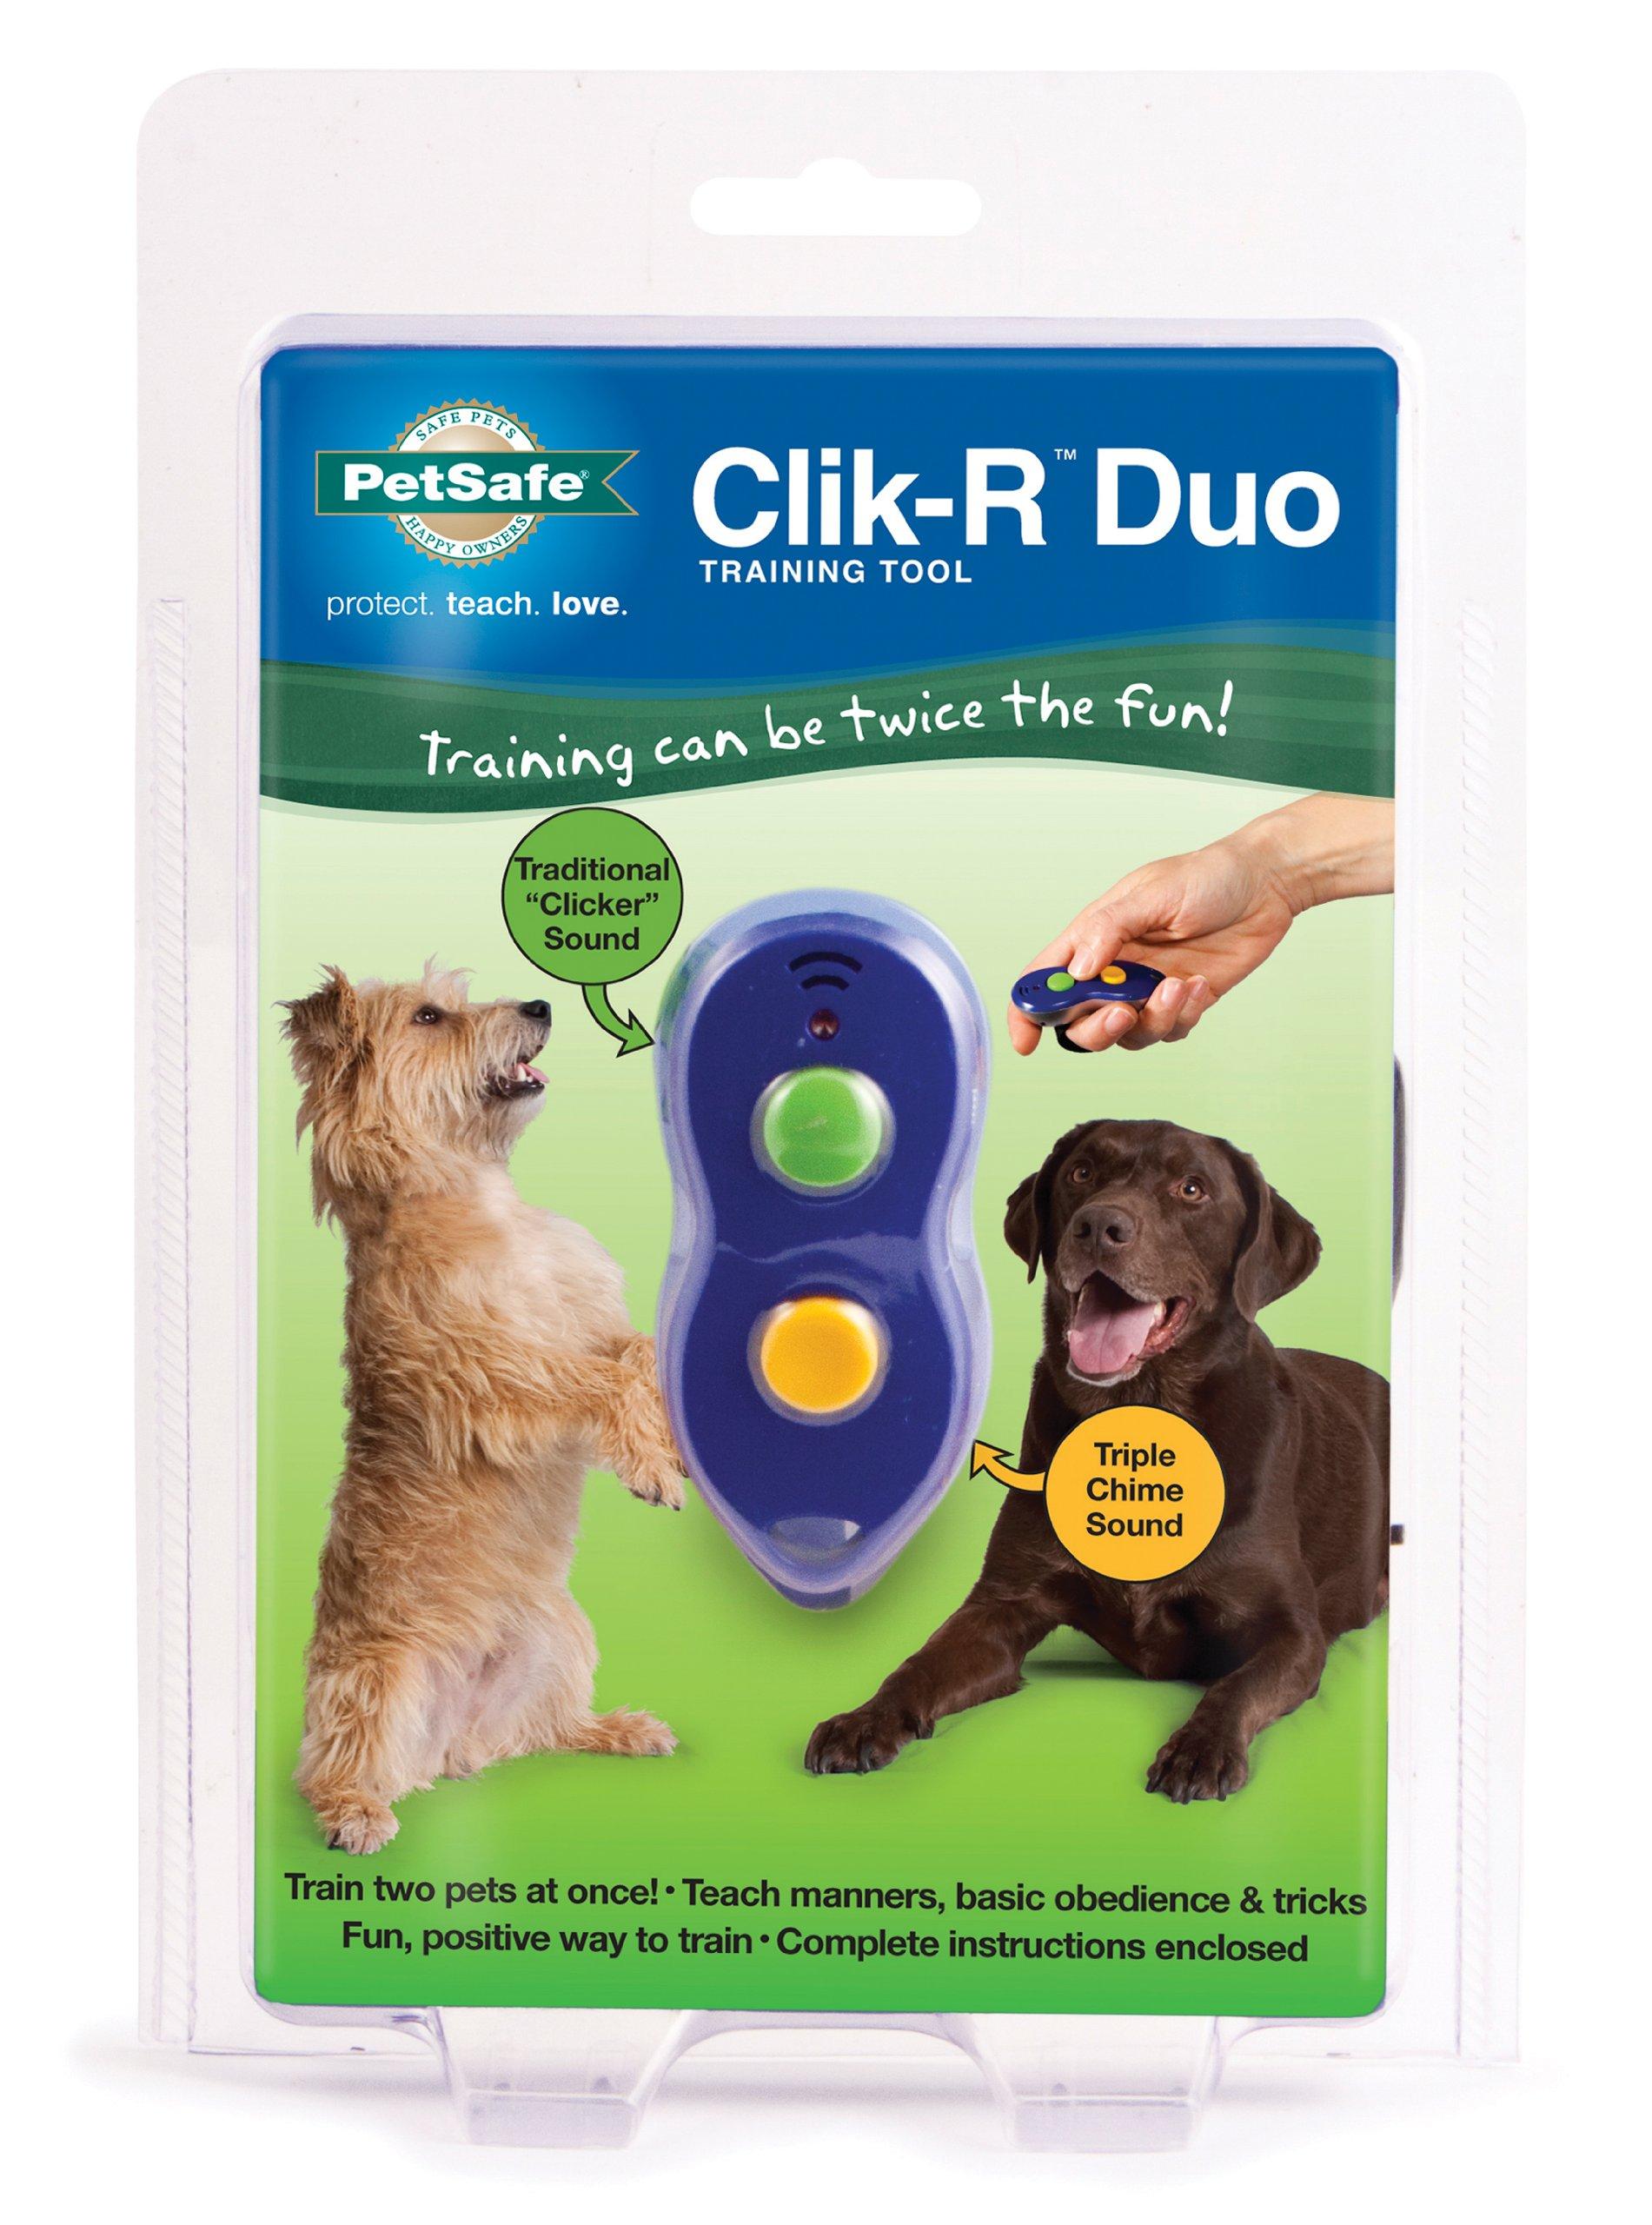 PetSafe Clik-R Duo